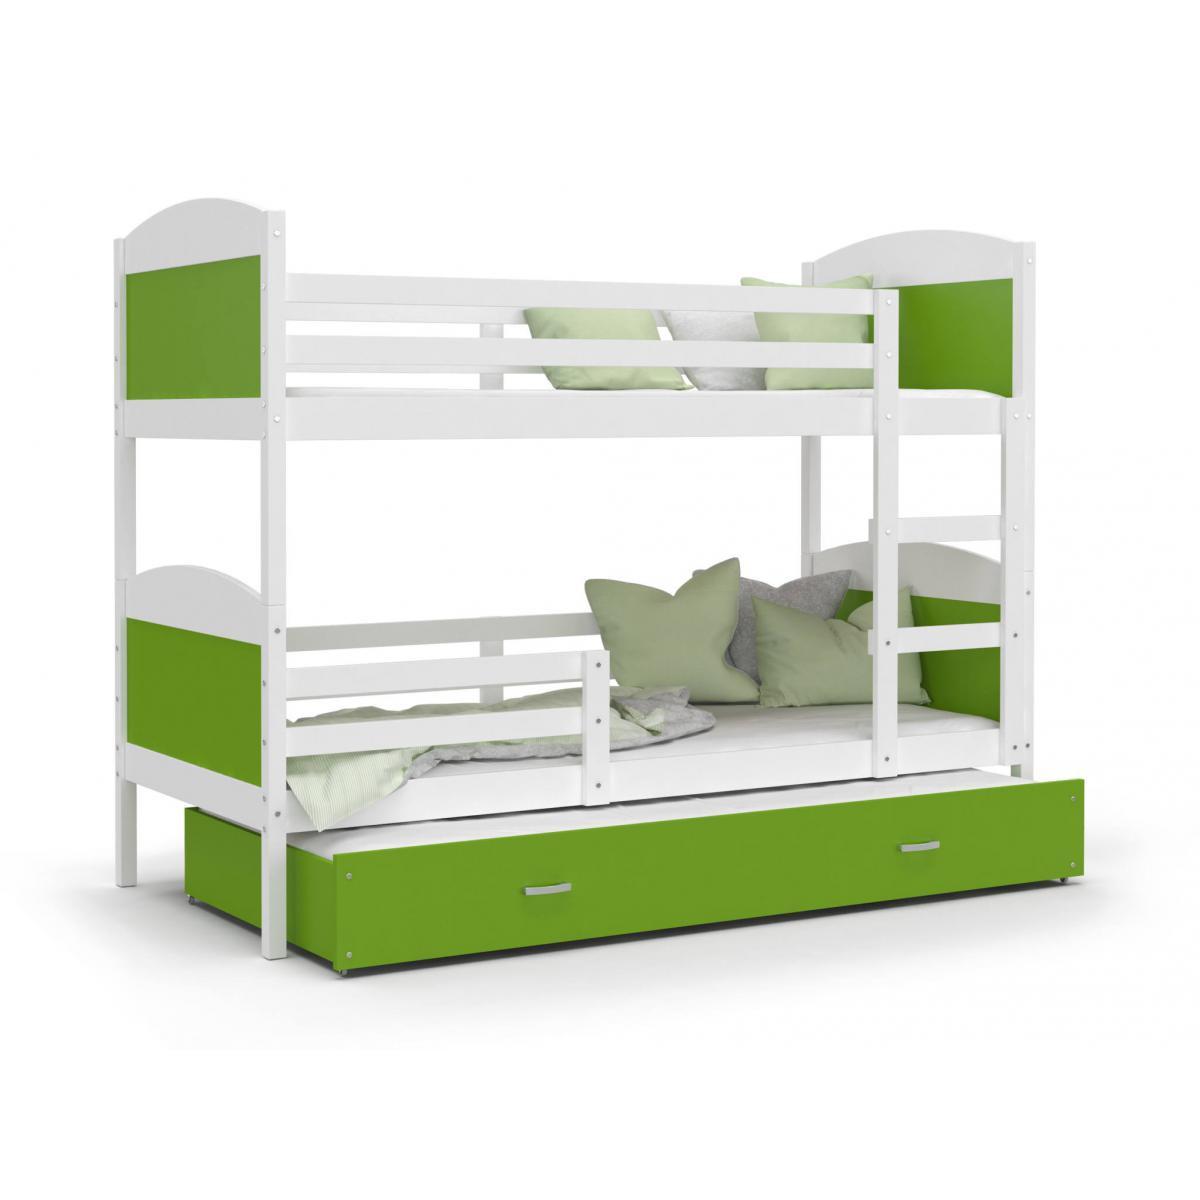 Kids Literie LIT superposé 3 Places Mateo 90x190 Blanc - Vert livré avec sommier, tiroir et matelas de 7cm OFFERT.